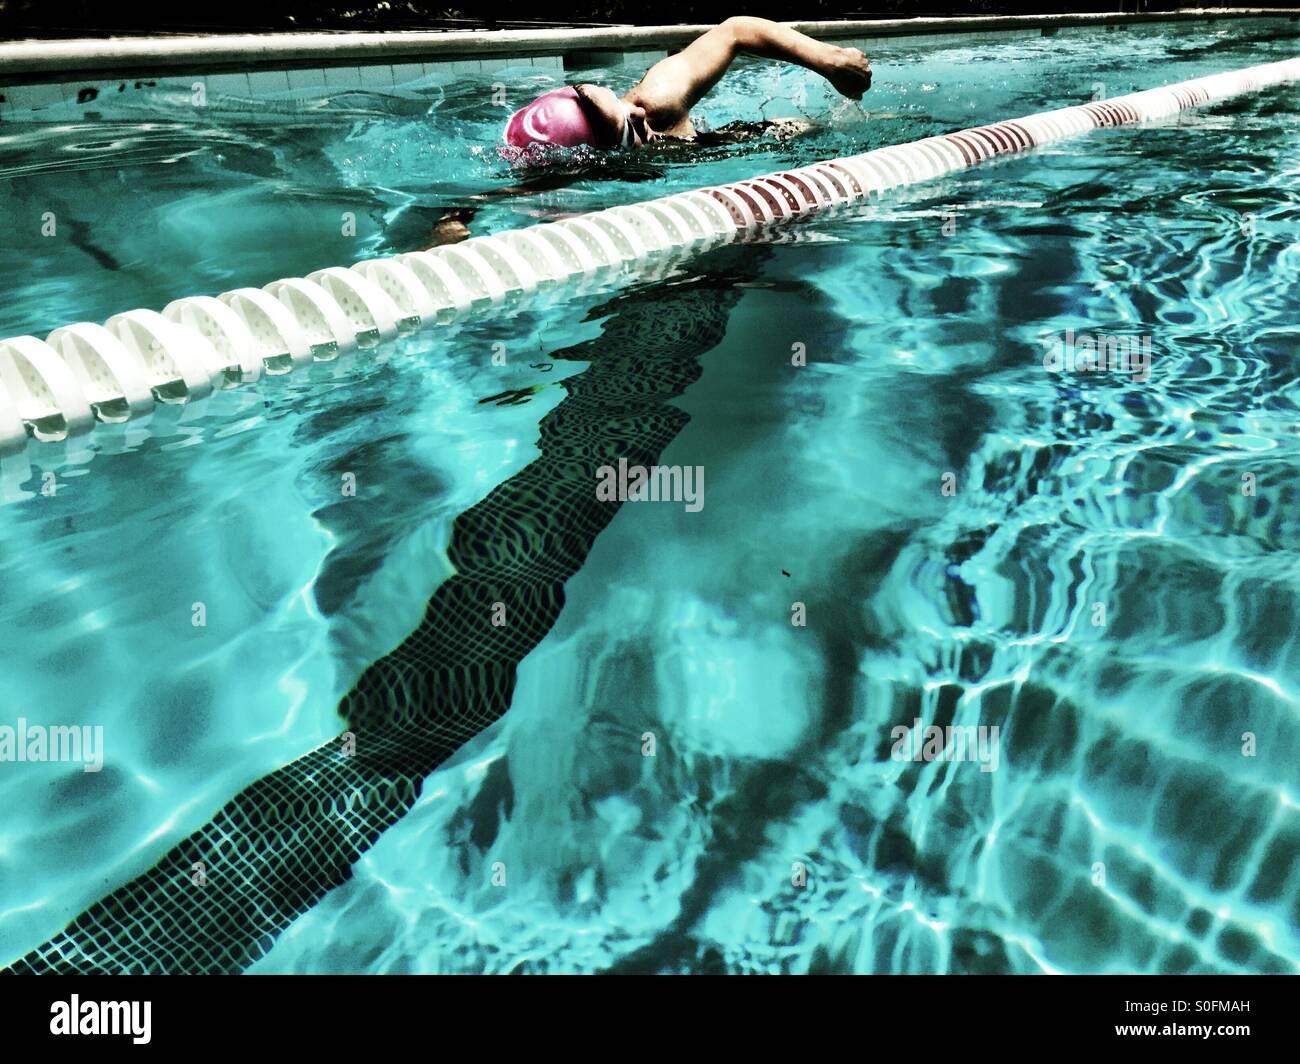 Voir à partir de la voie adjacente, une jeune femme australienne (freestyle) ramper dans la piscine olympique Photo Stock